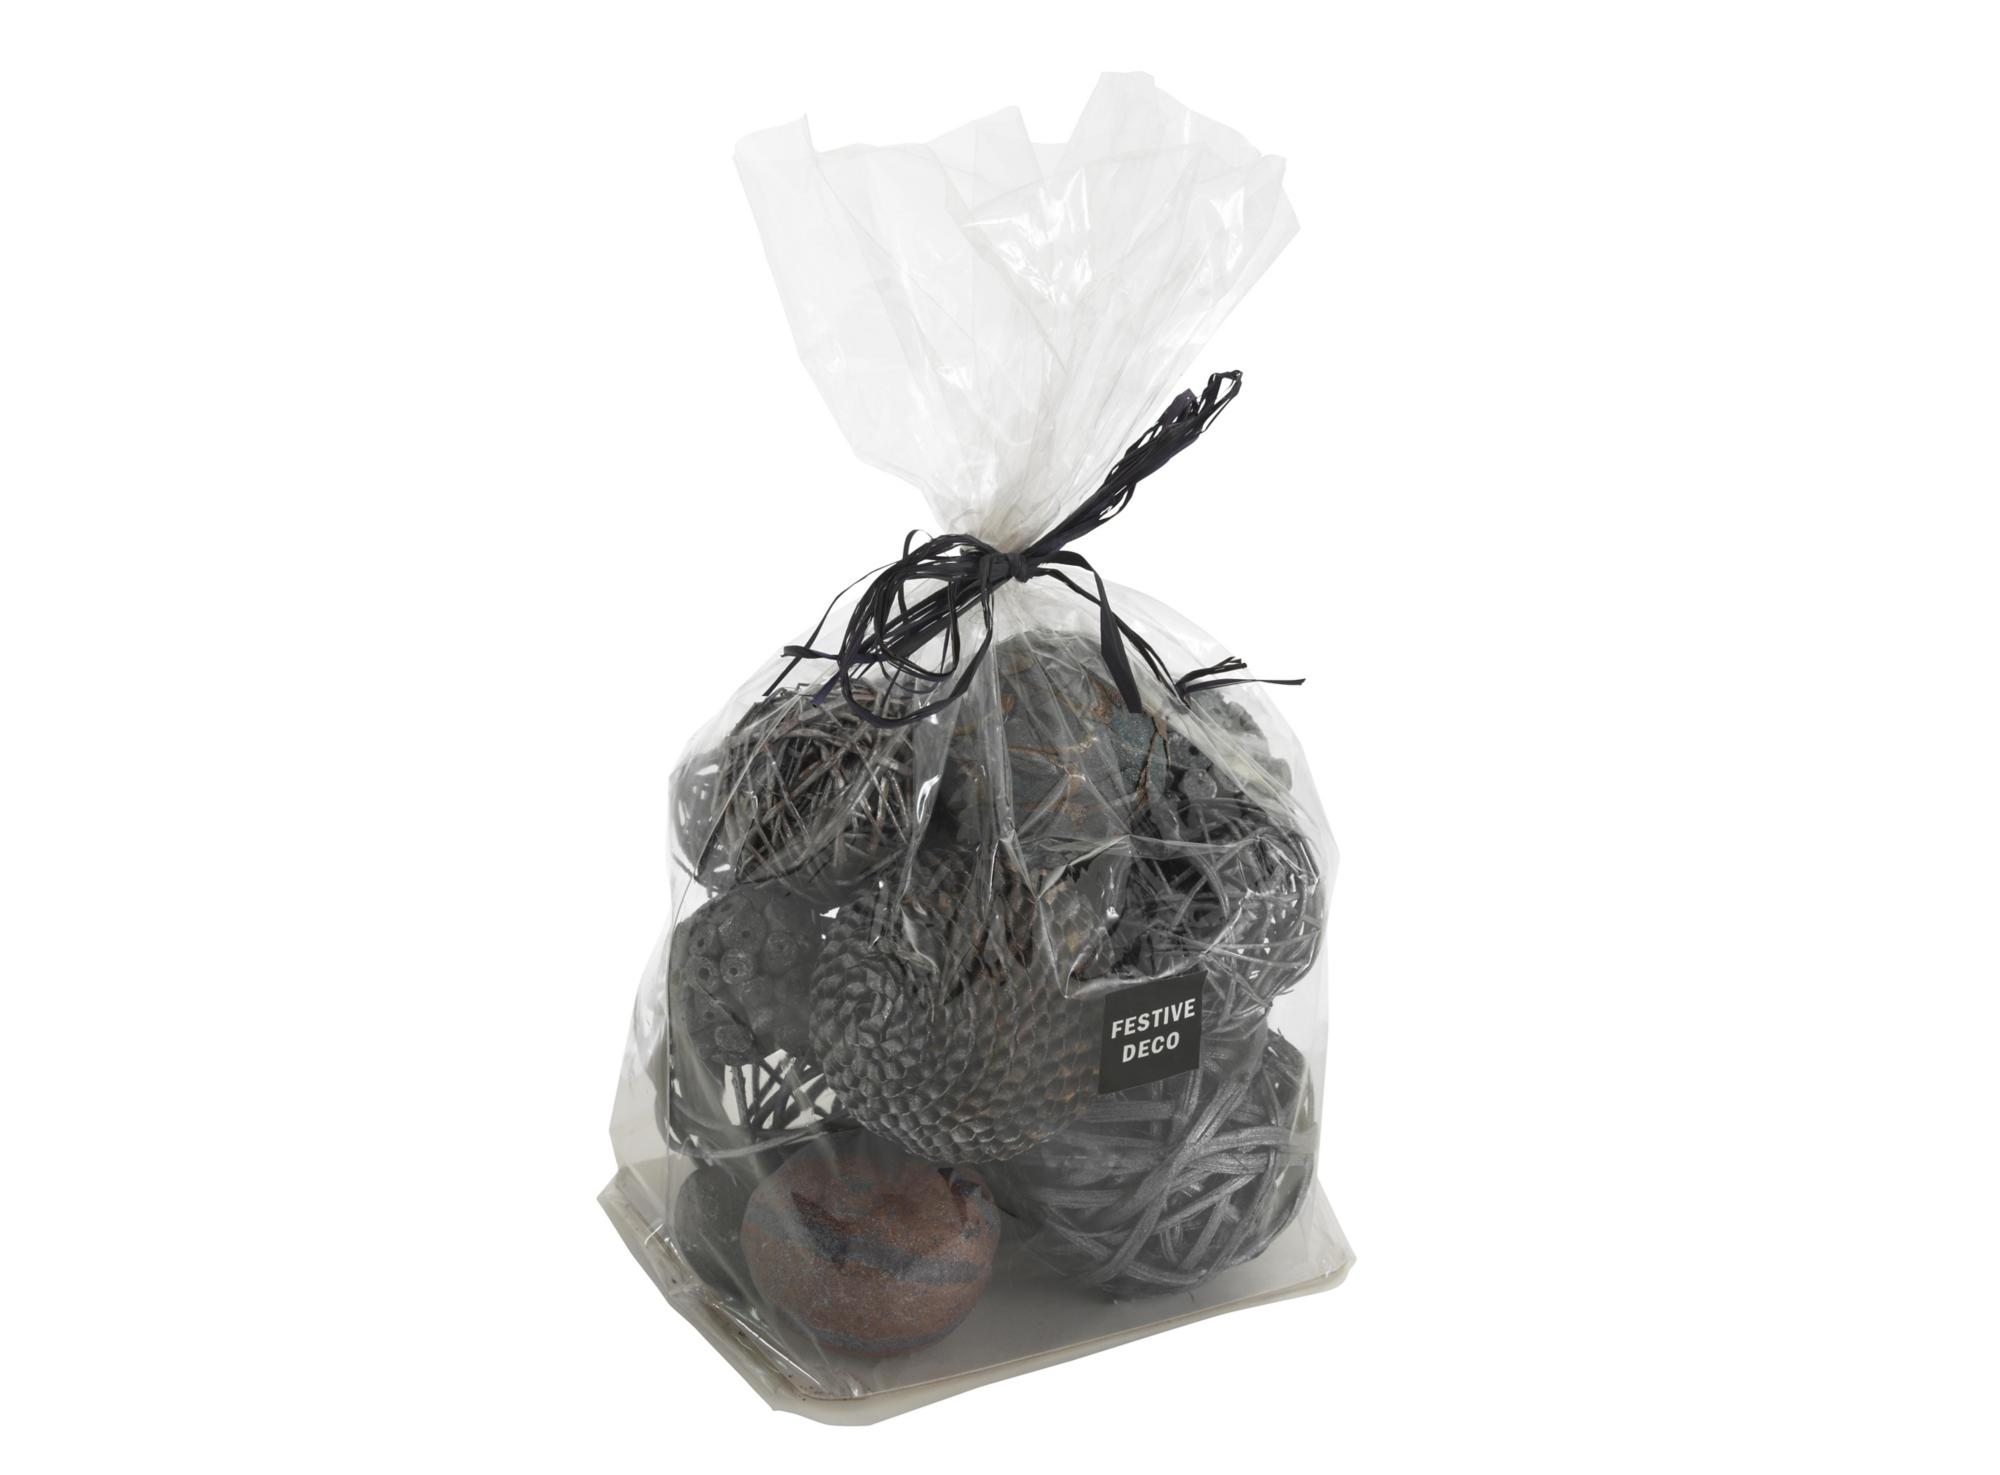 Lot de 24 boules decoratives en fibres vegetales et rotin teinte colo ...